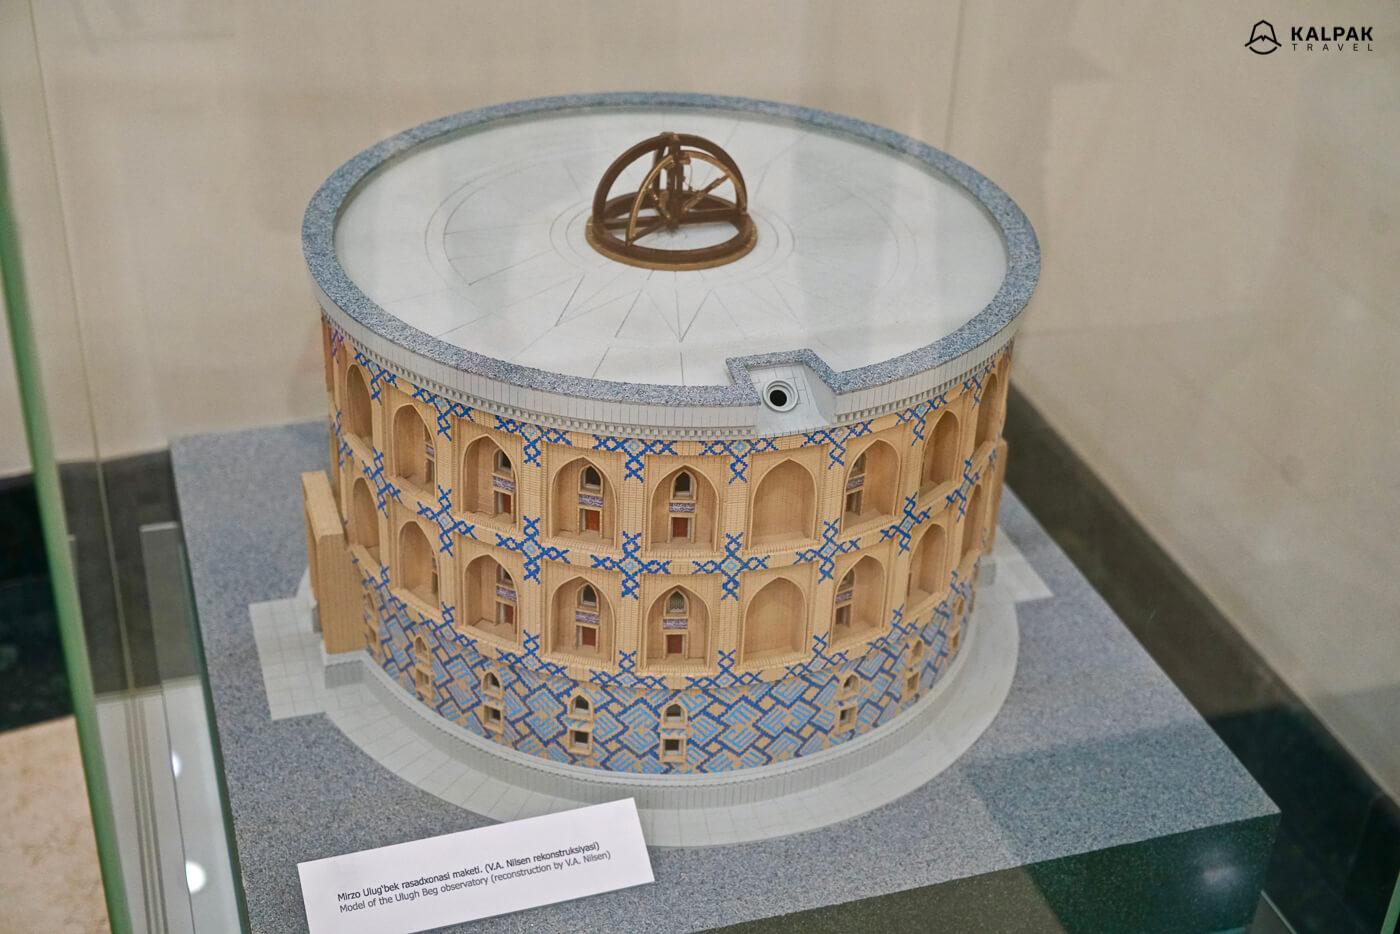 Model of Ulughbek's Observatory